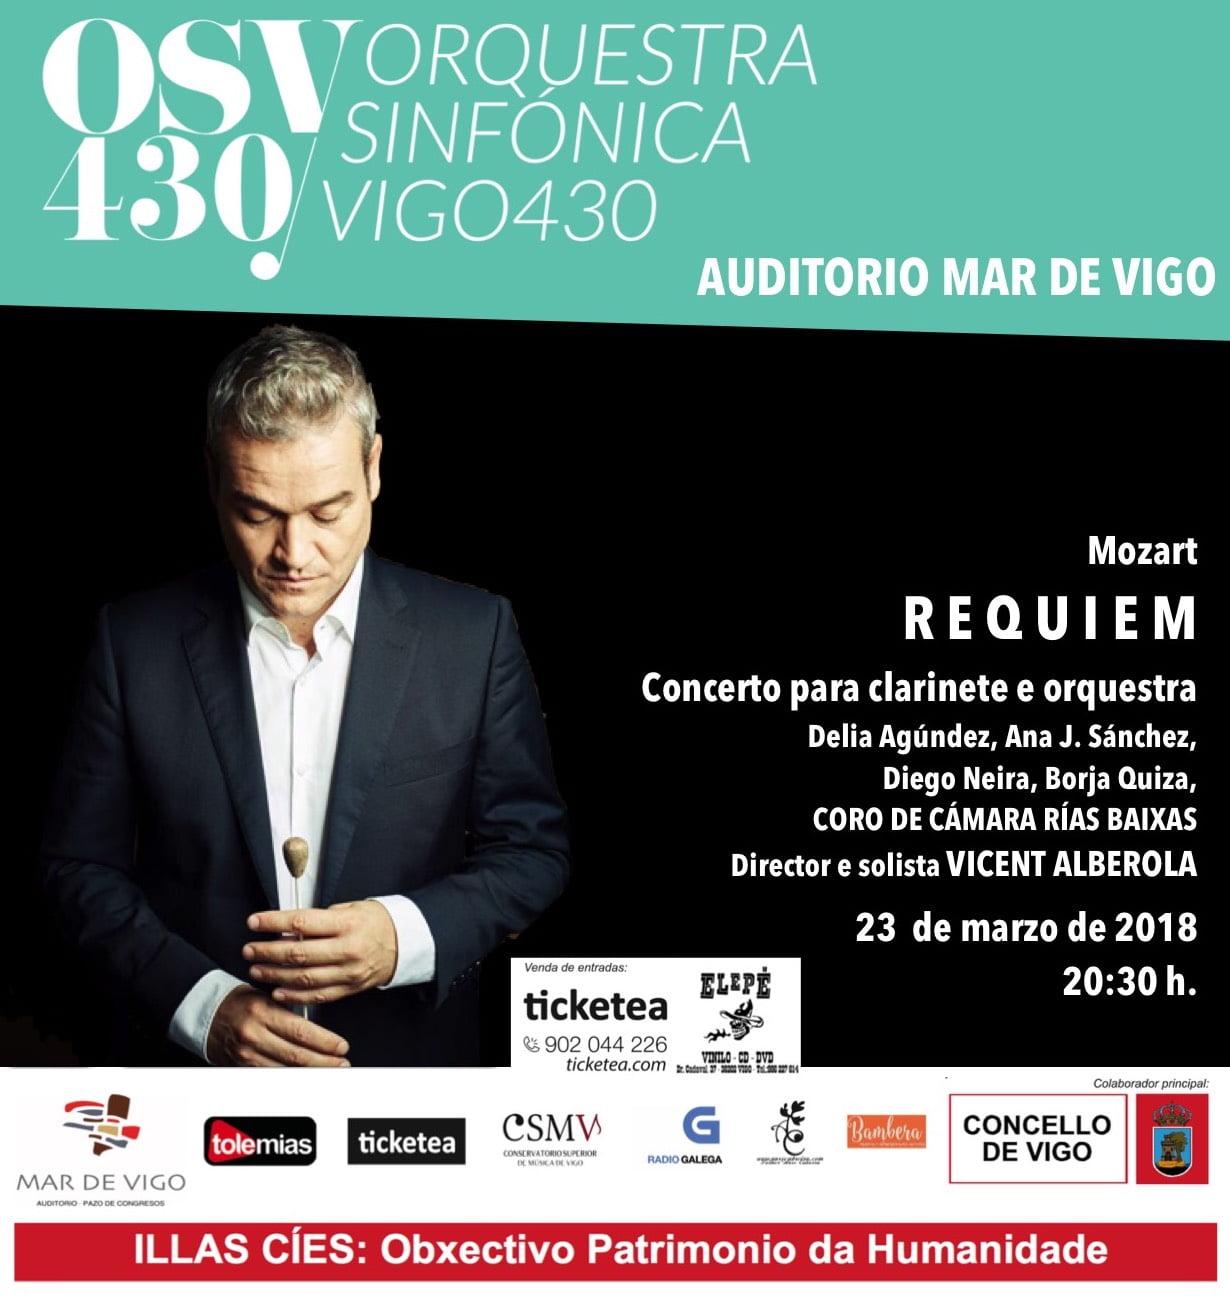 Mozart: Requiem – Orquestra Vigo 430